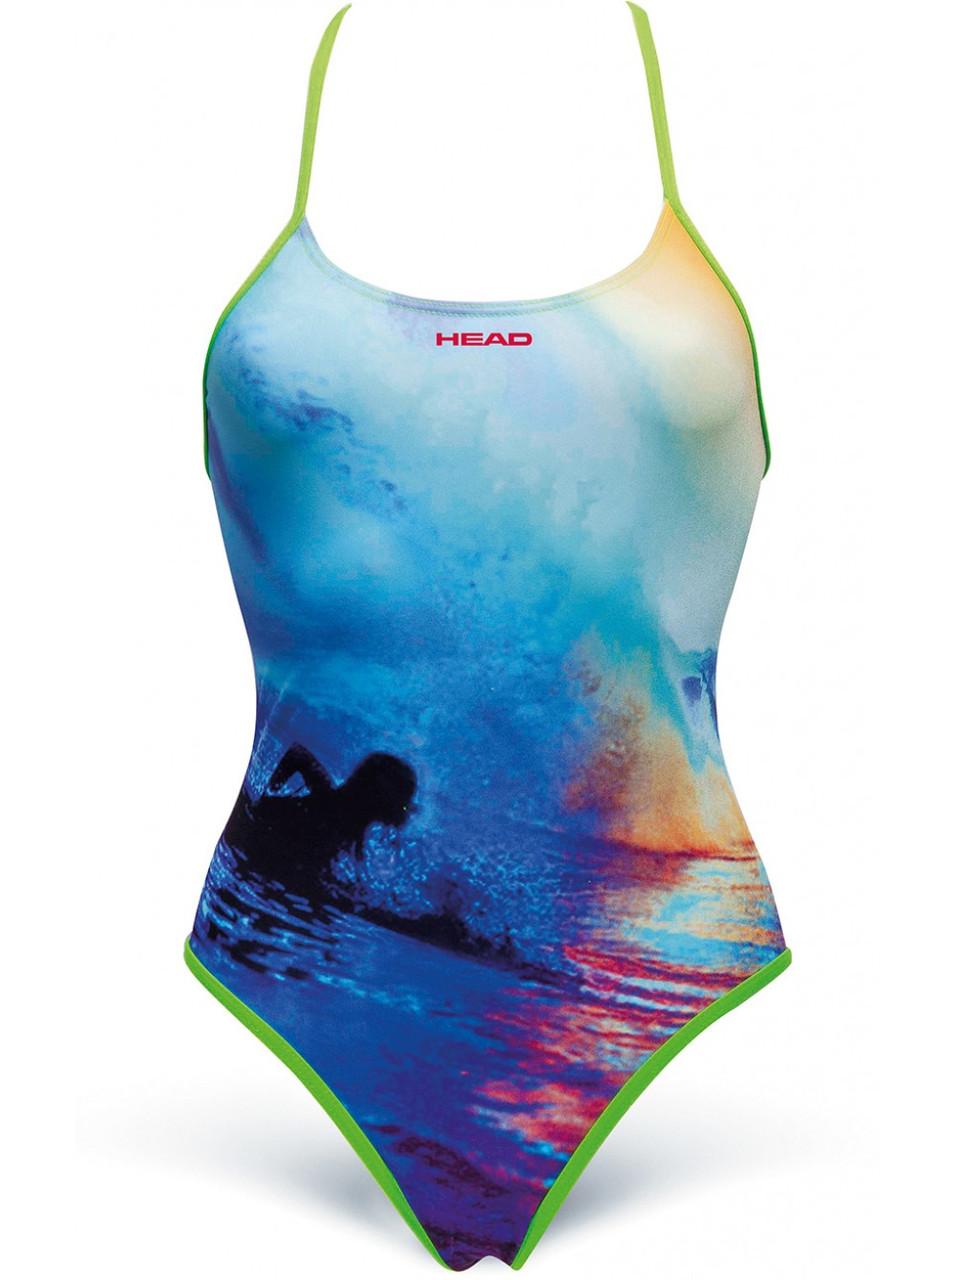 Купальник Head Swim Lady, фото 1